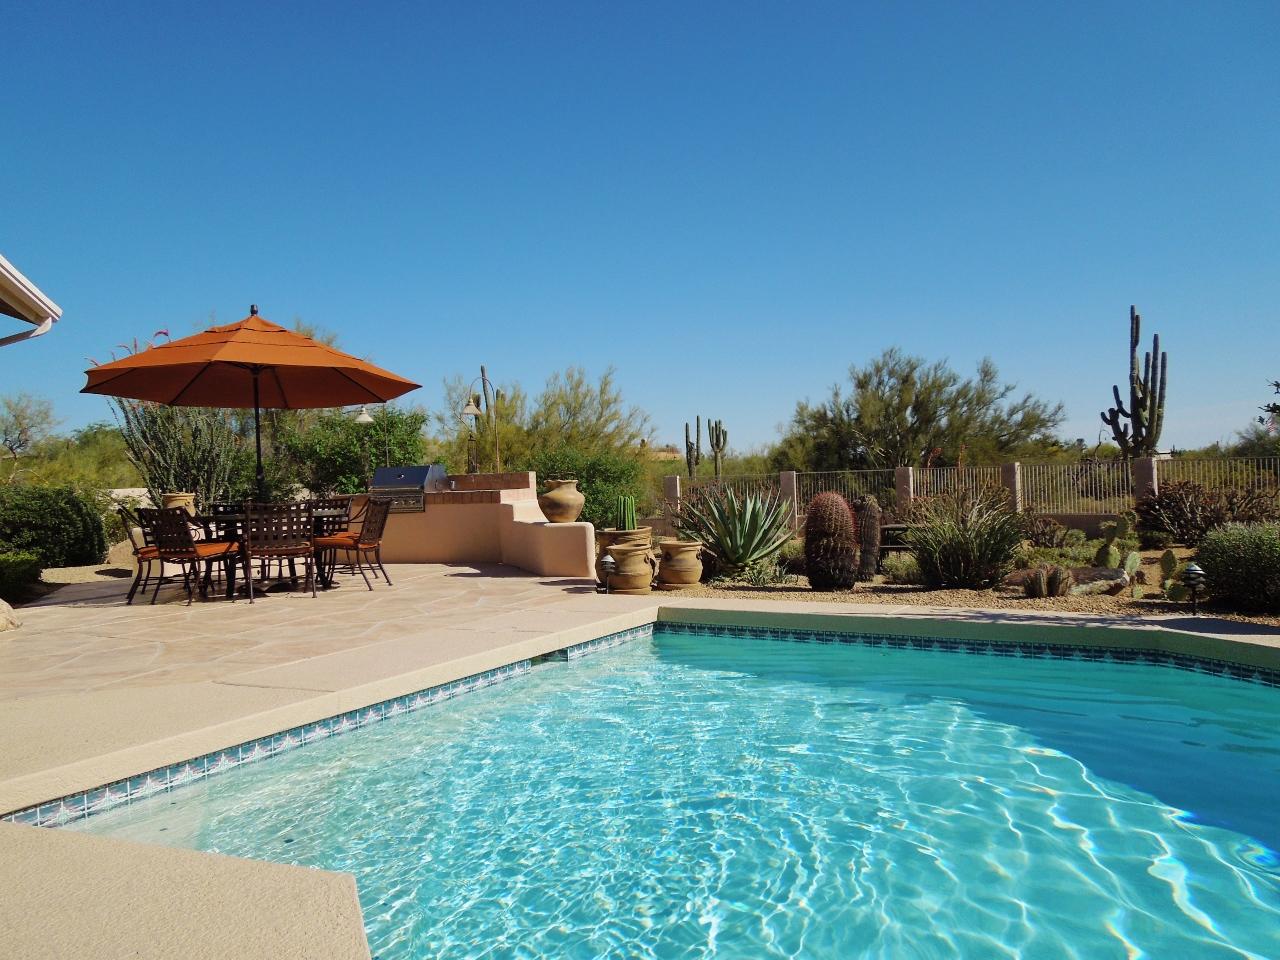 Blue sky and heated pool